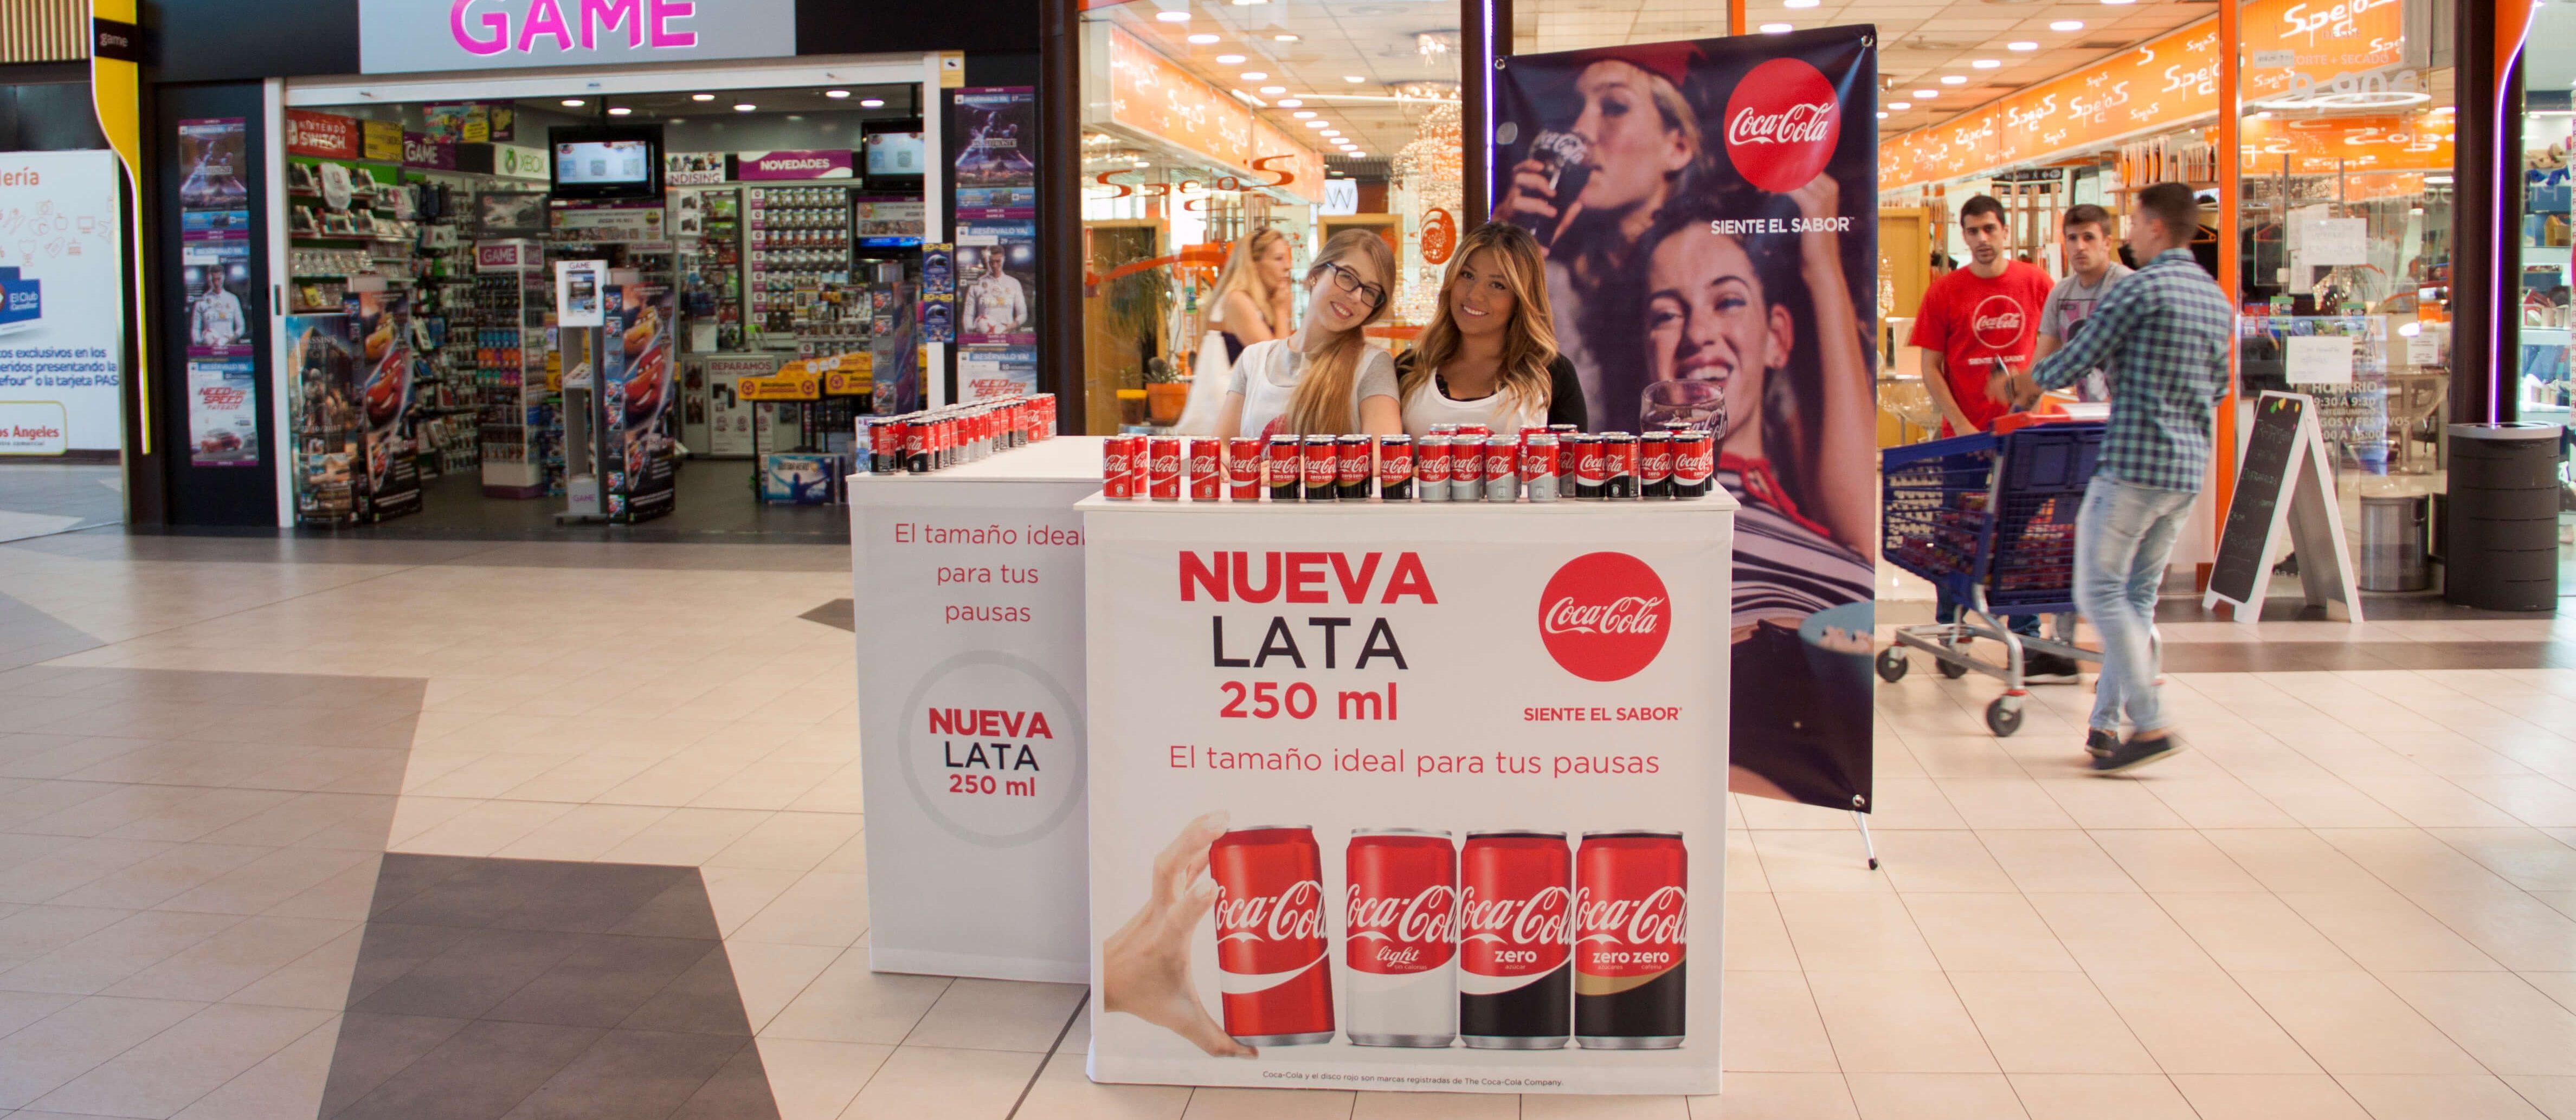 Stand Coca Cola nueva lata